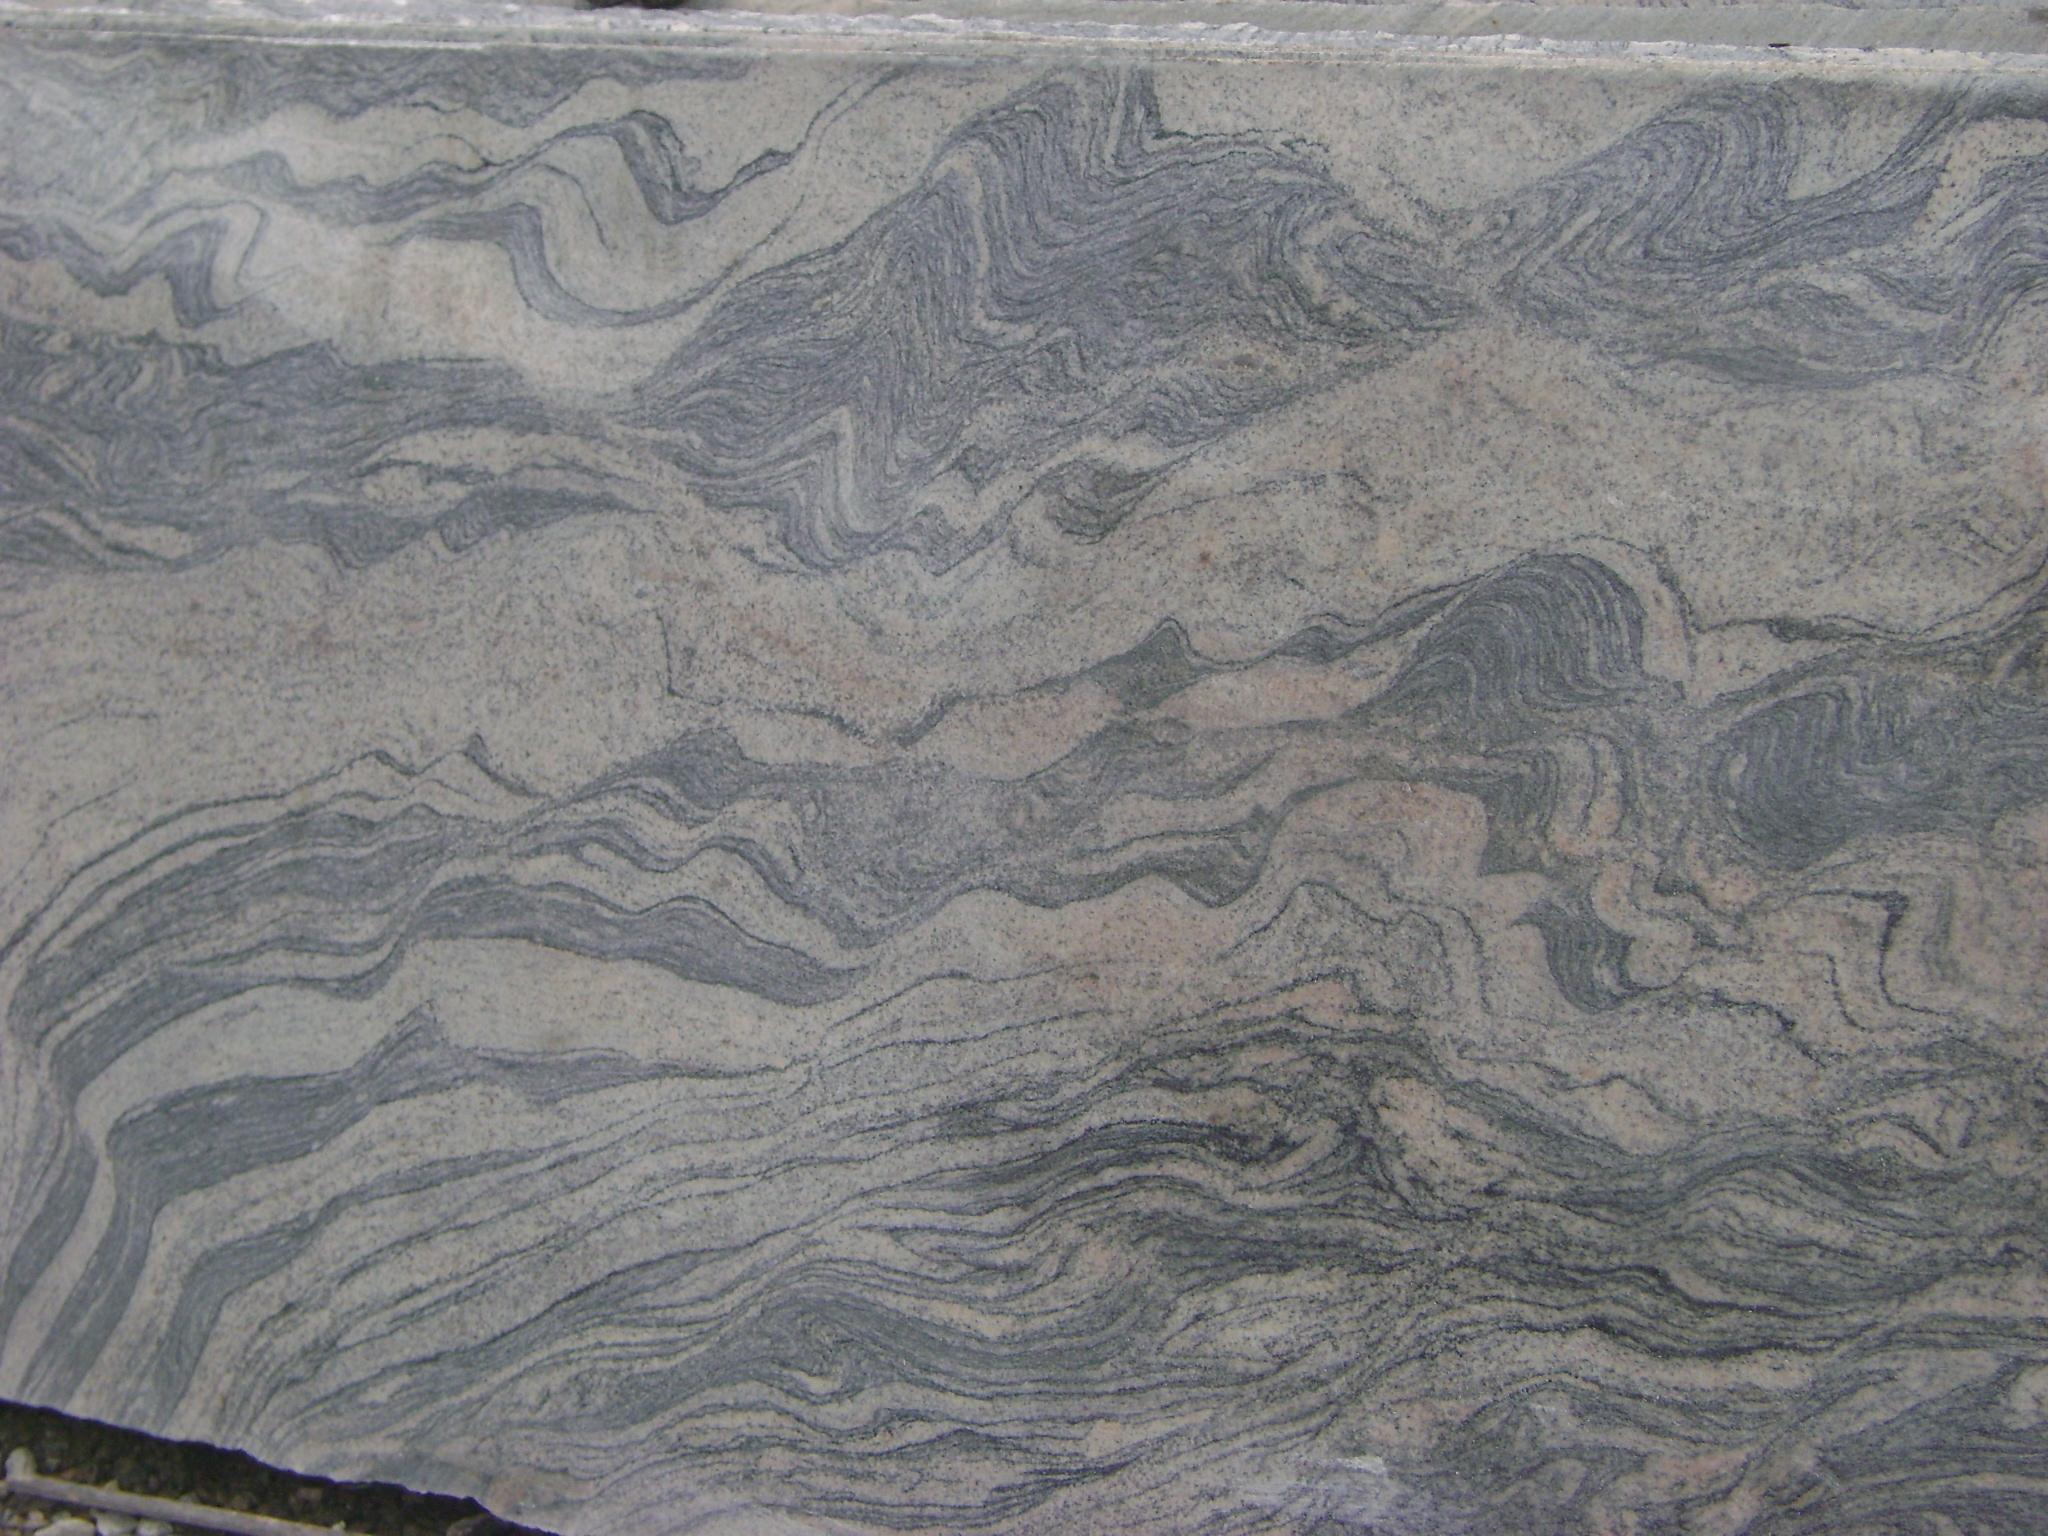 Đá Hoa Cương loang vằn nghệ thuật